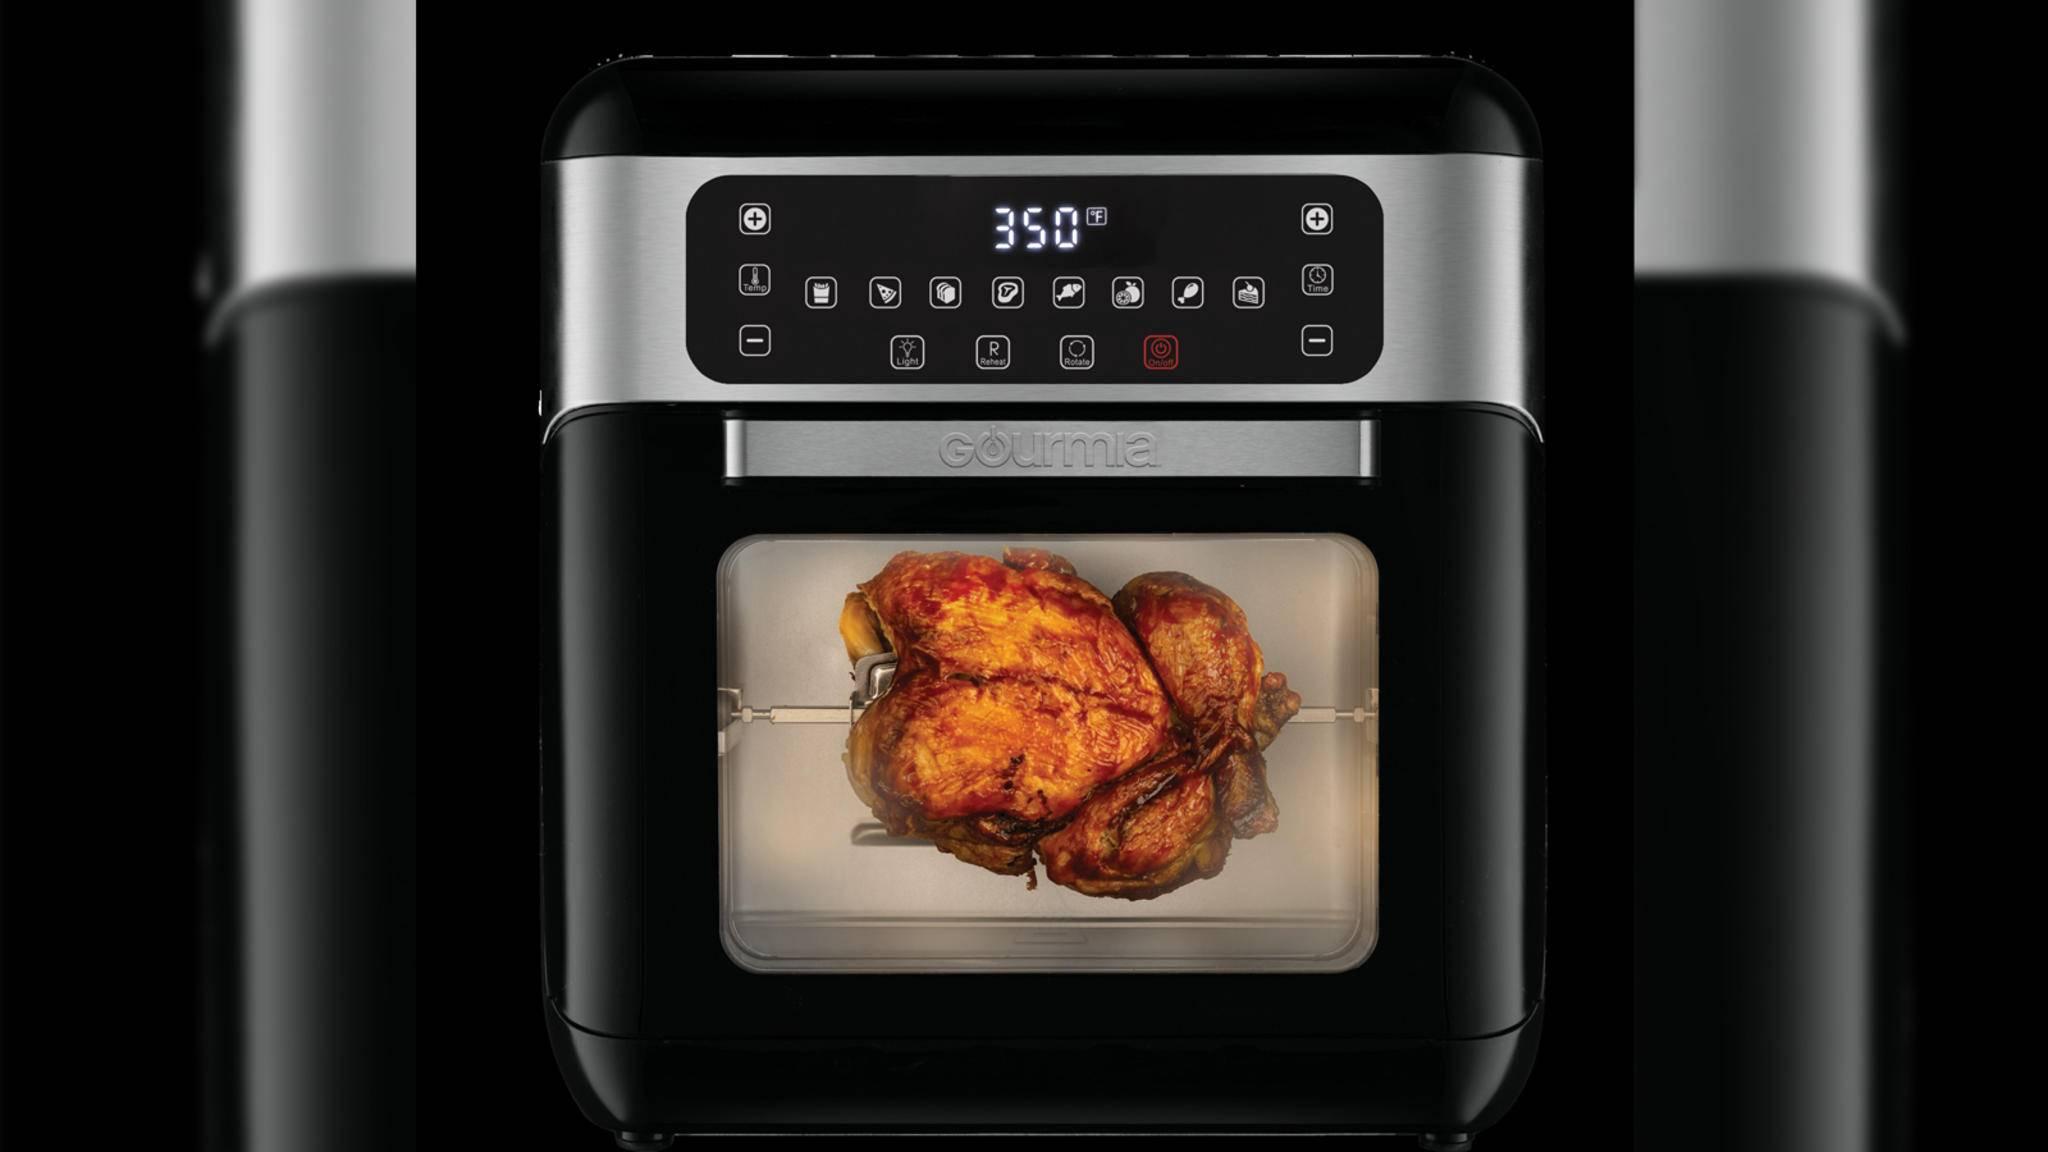 Der GAF678 All-in-one-Airfryer ist eines von drei neuen Küchengeräten, die Gourmia auf der CES 2019 vorstellt.